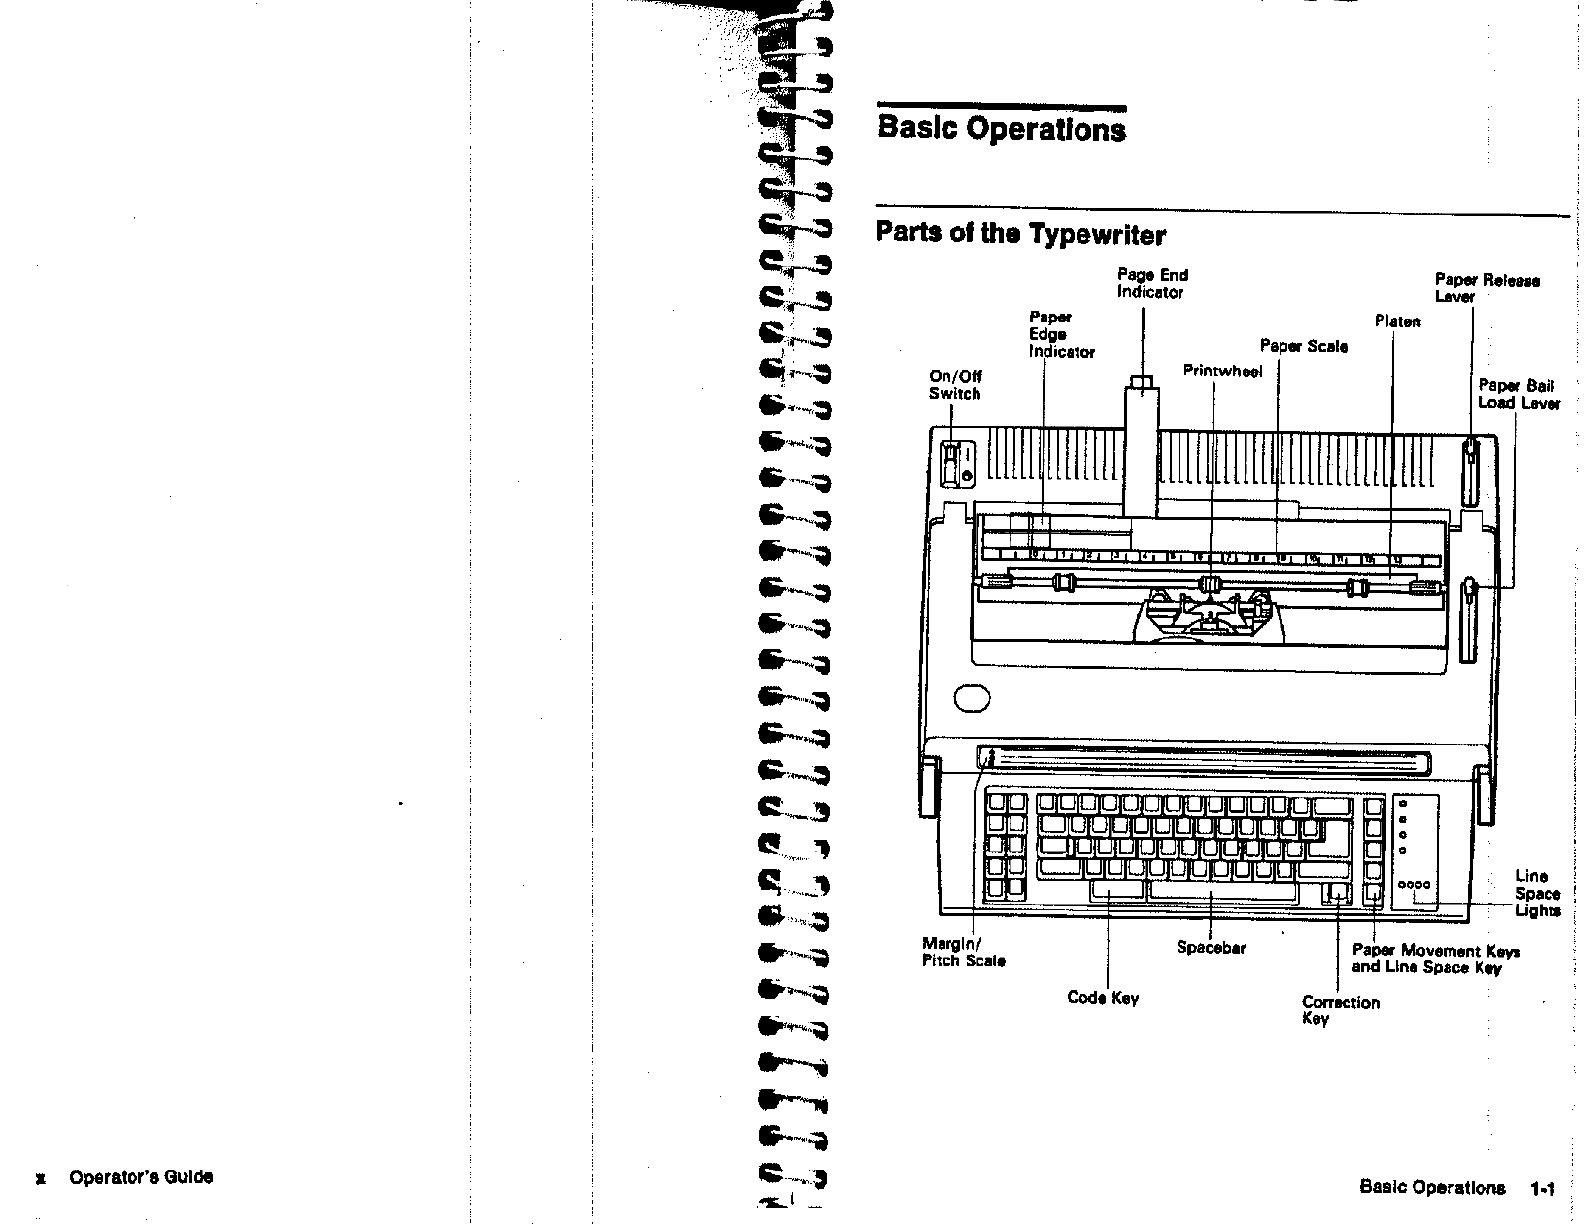 Ibm 6784 Users Manual Wheelwriter 6 Series II Typewriter